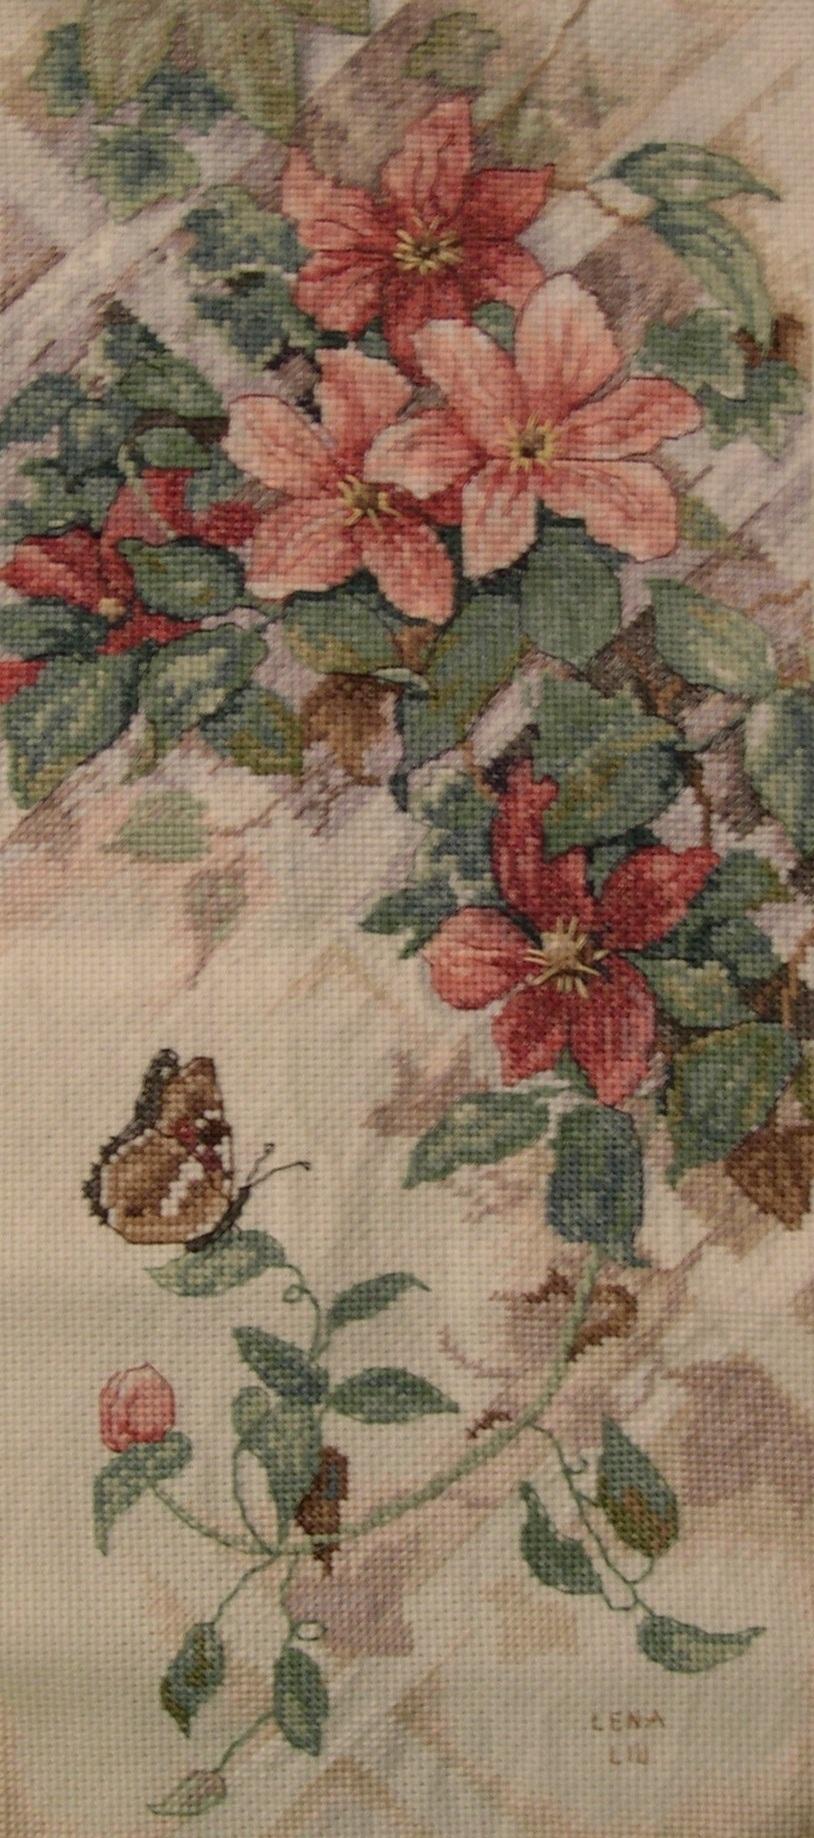 Бабочка и клематисы. Растения (в основном цветы)